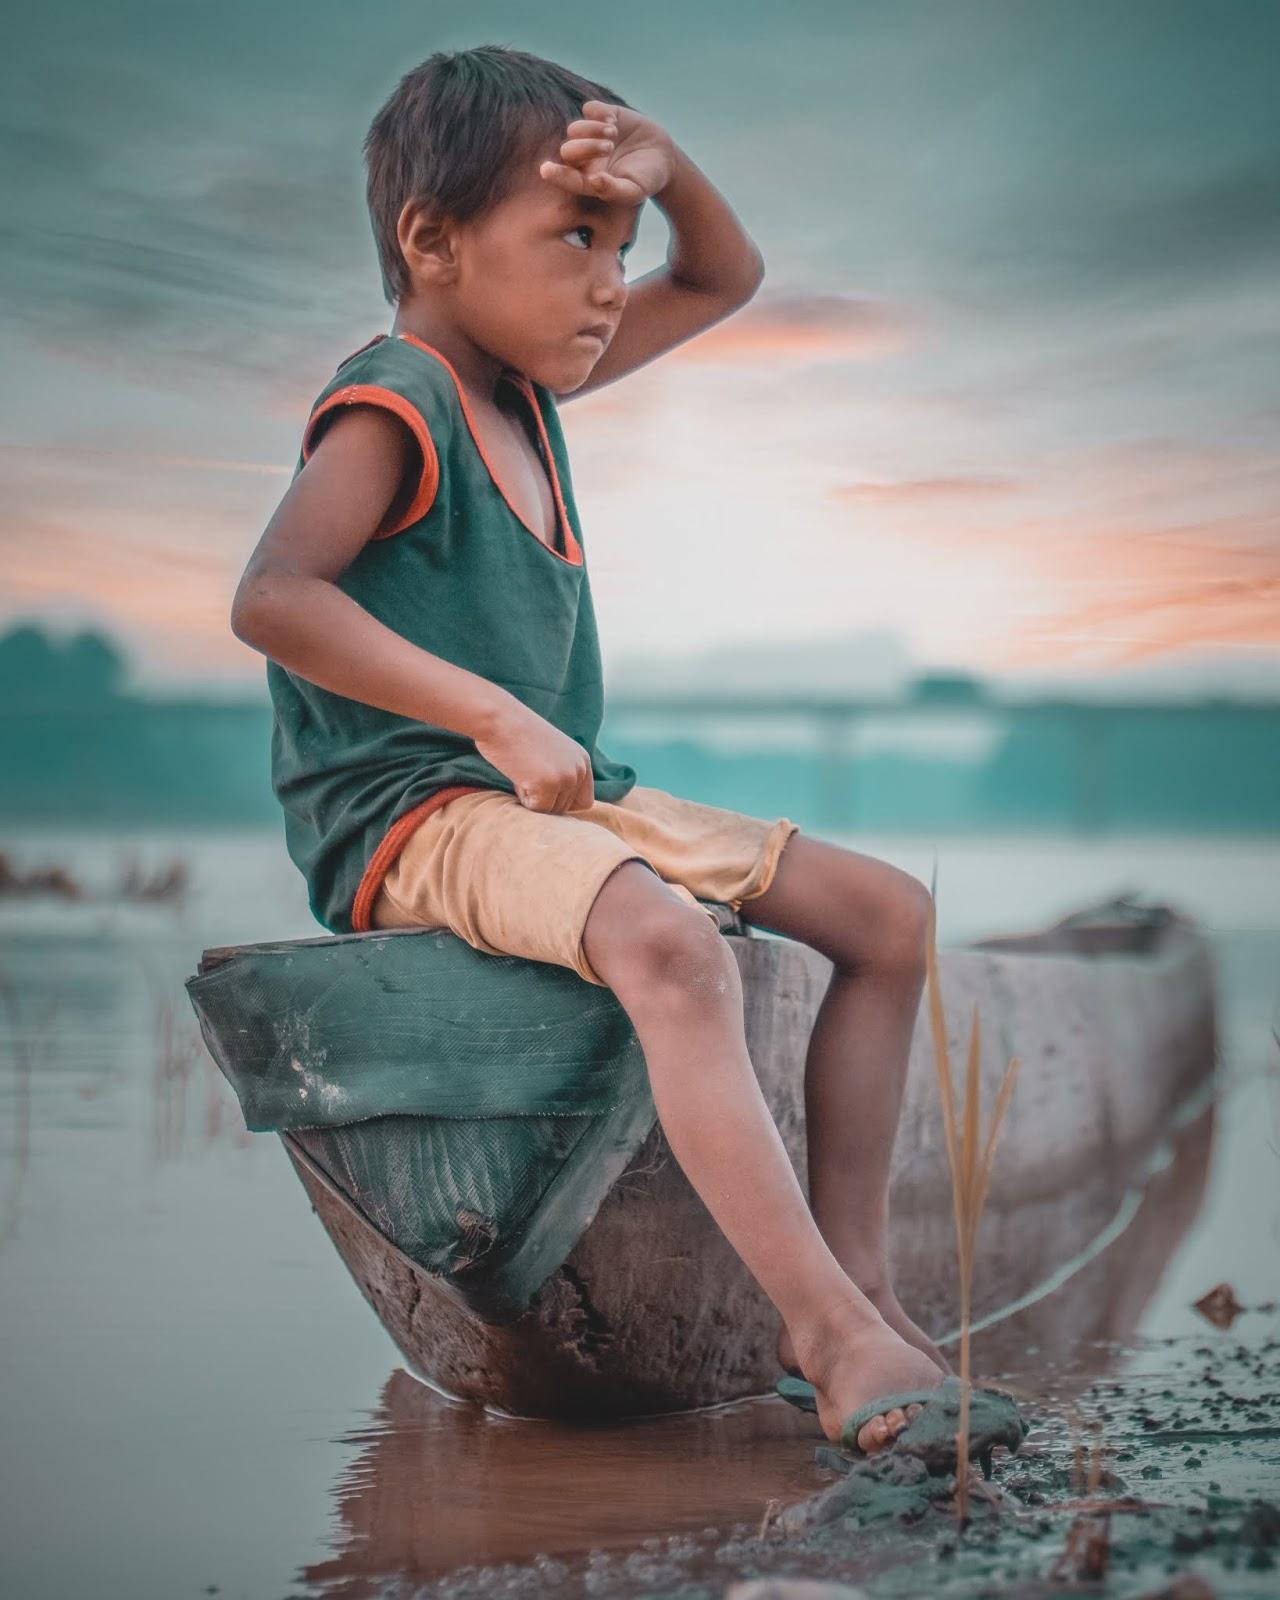 बिहार के बच्चों में कुपोषण की वजह से बौनापन देखने को मिल रहा